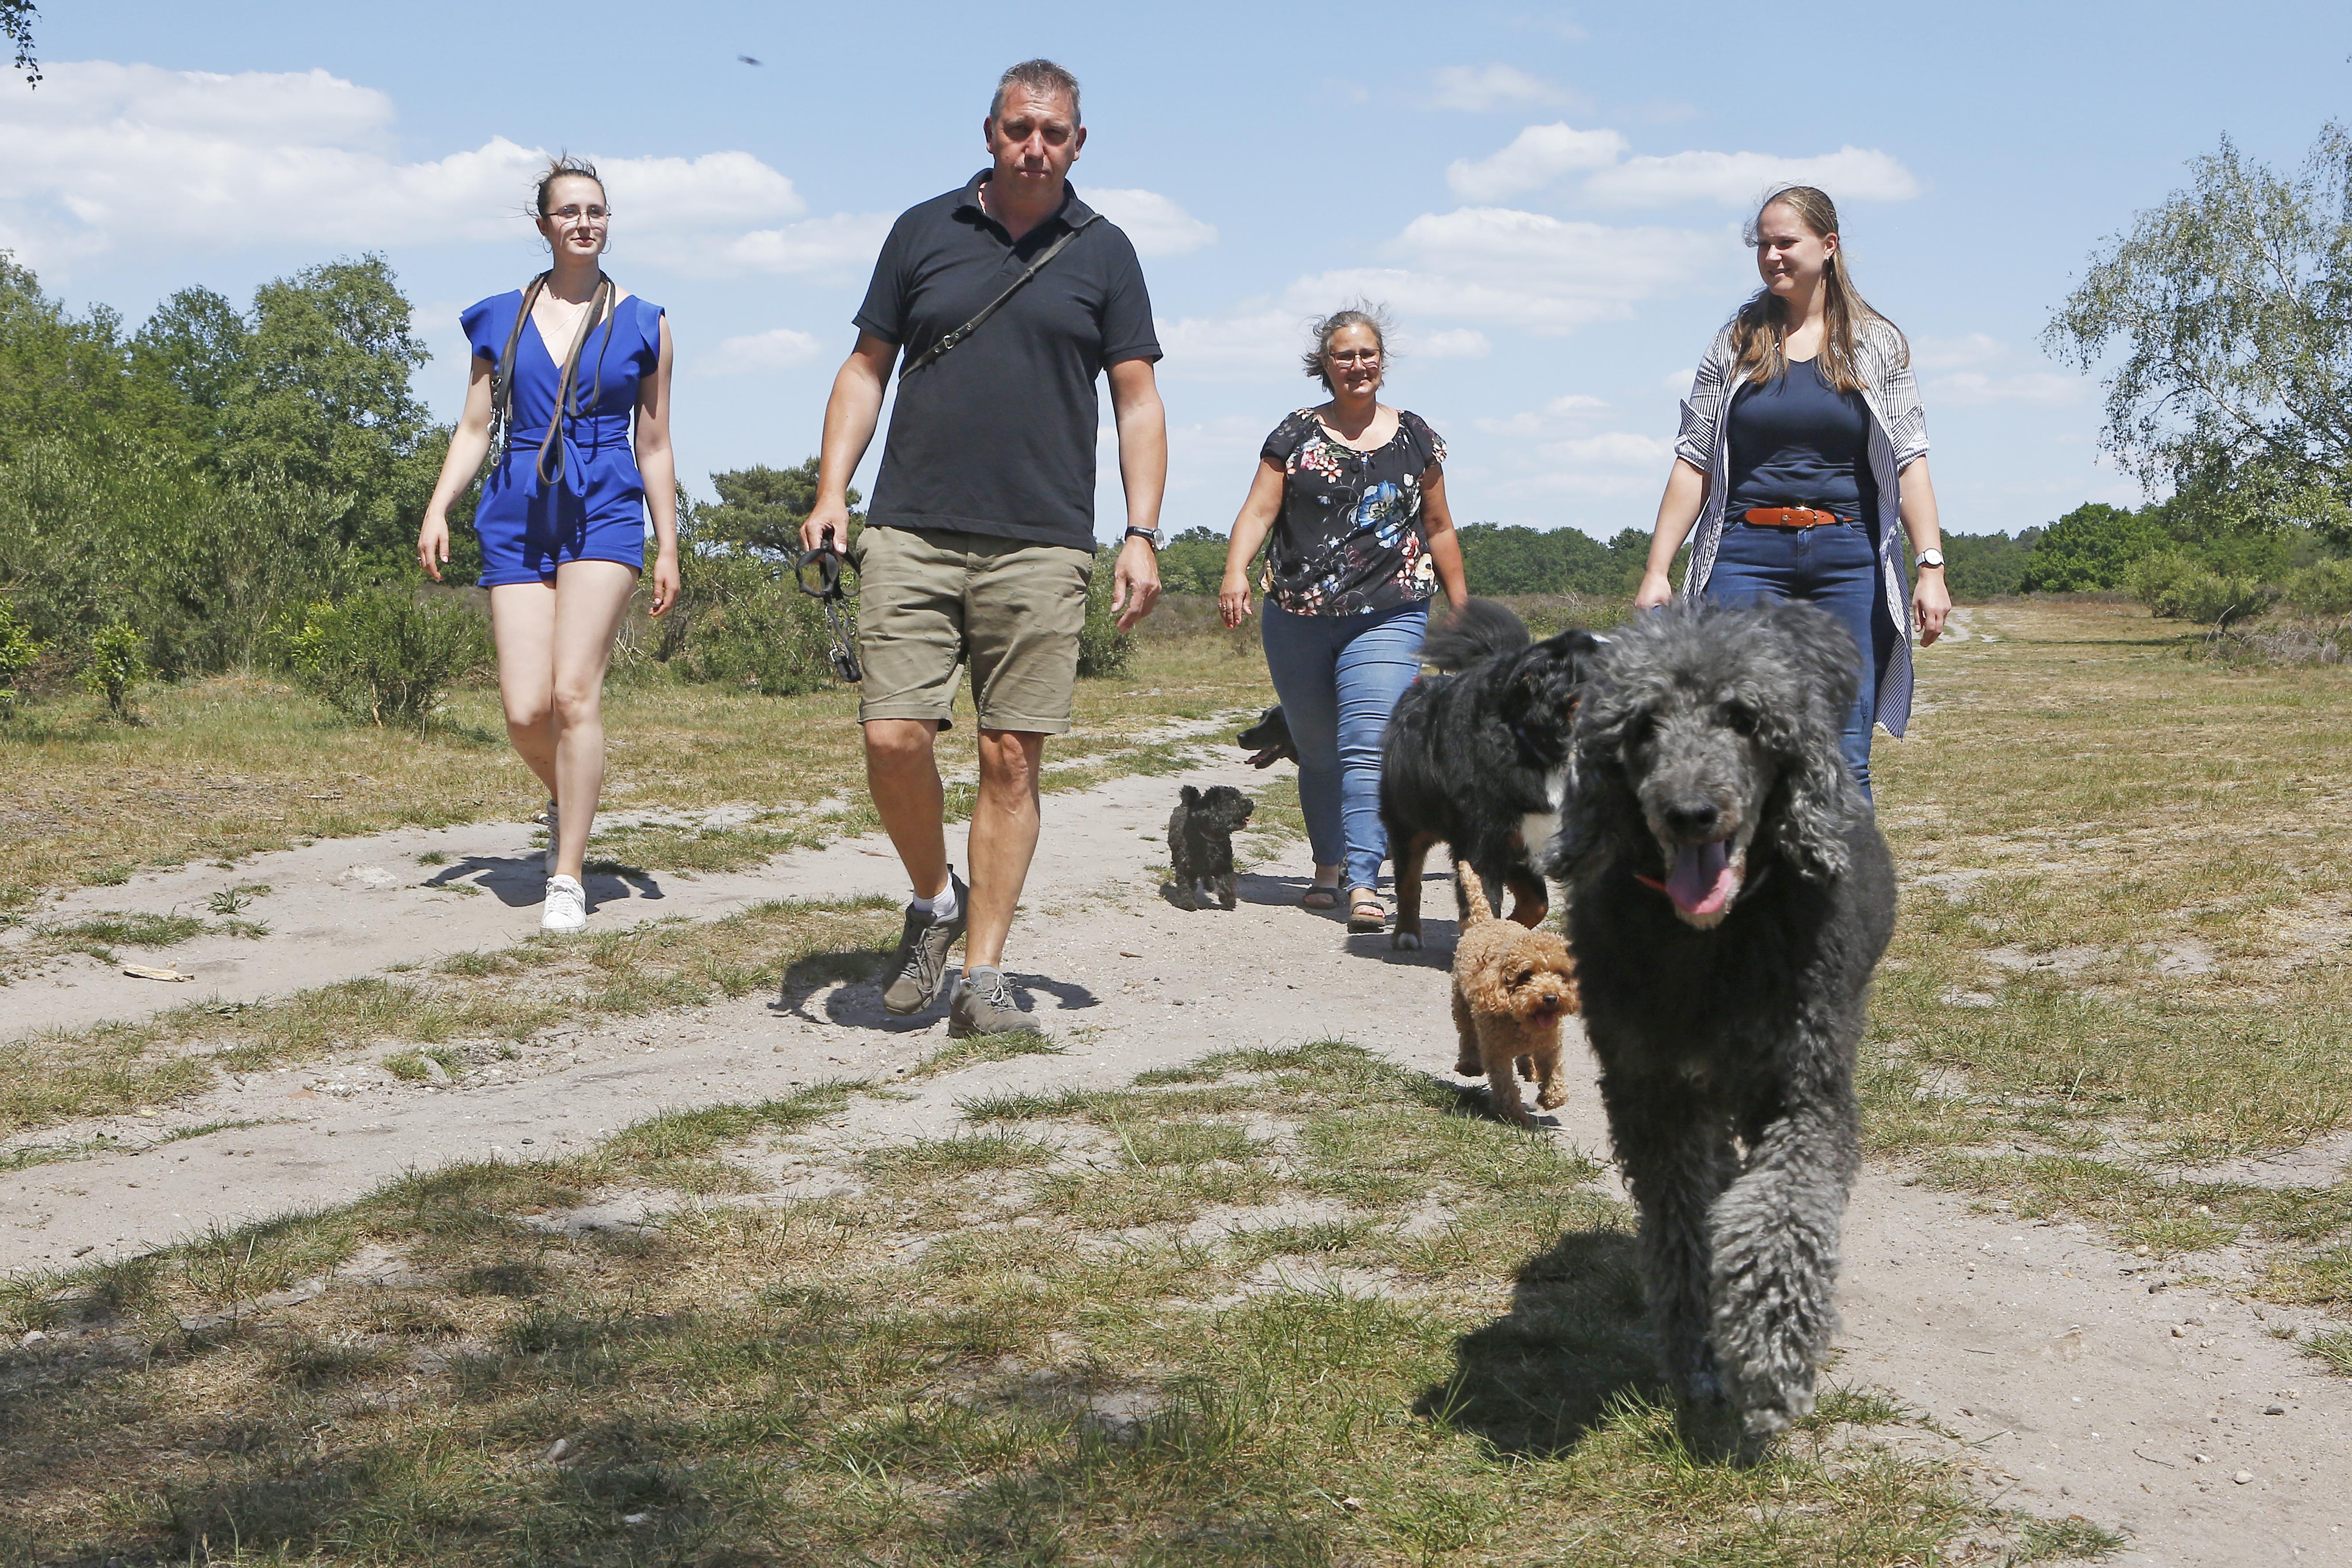 Het is dringen geblazen: Steeds meer betaald honden uitlaten, maar steeds minder ruimte daarvoor